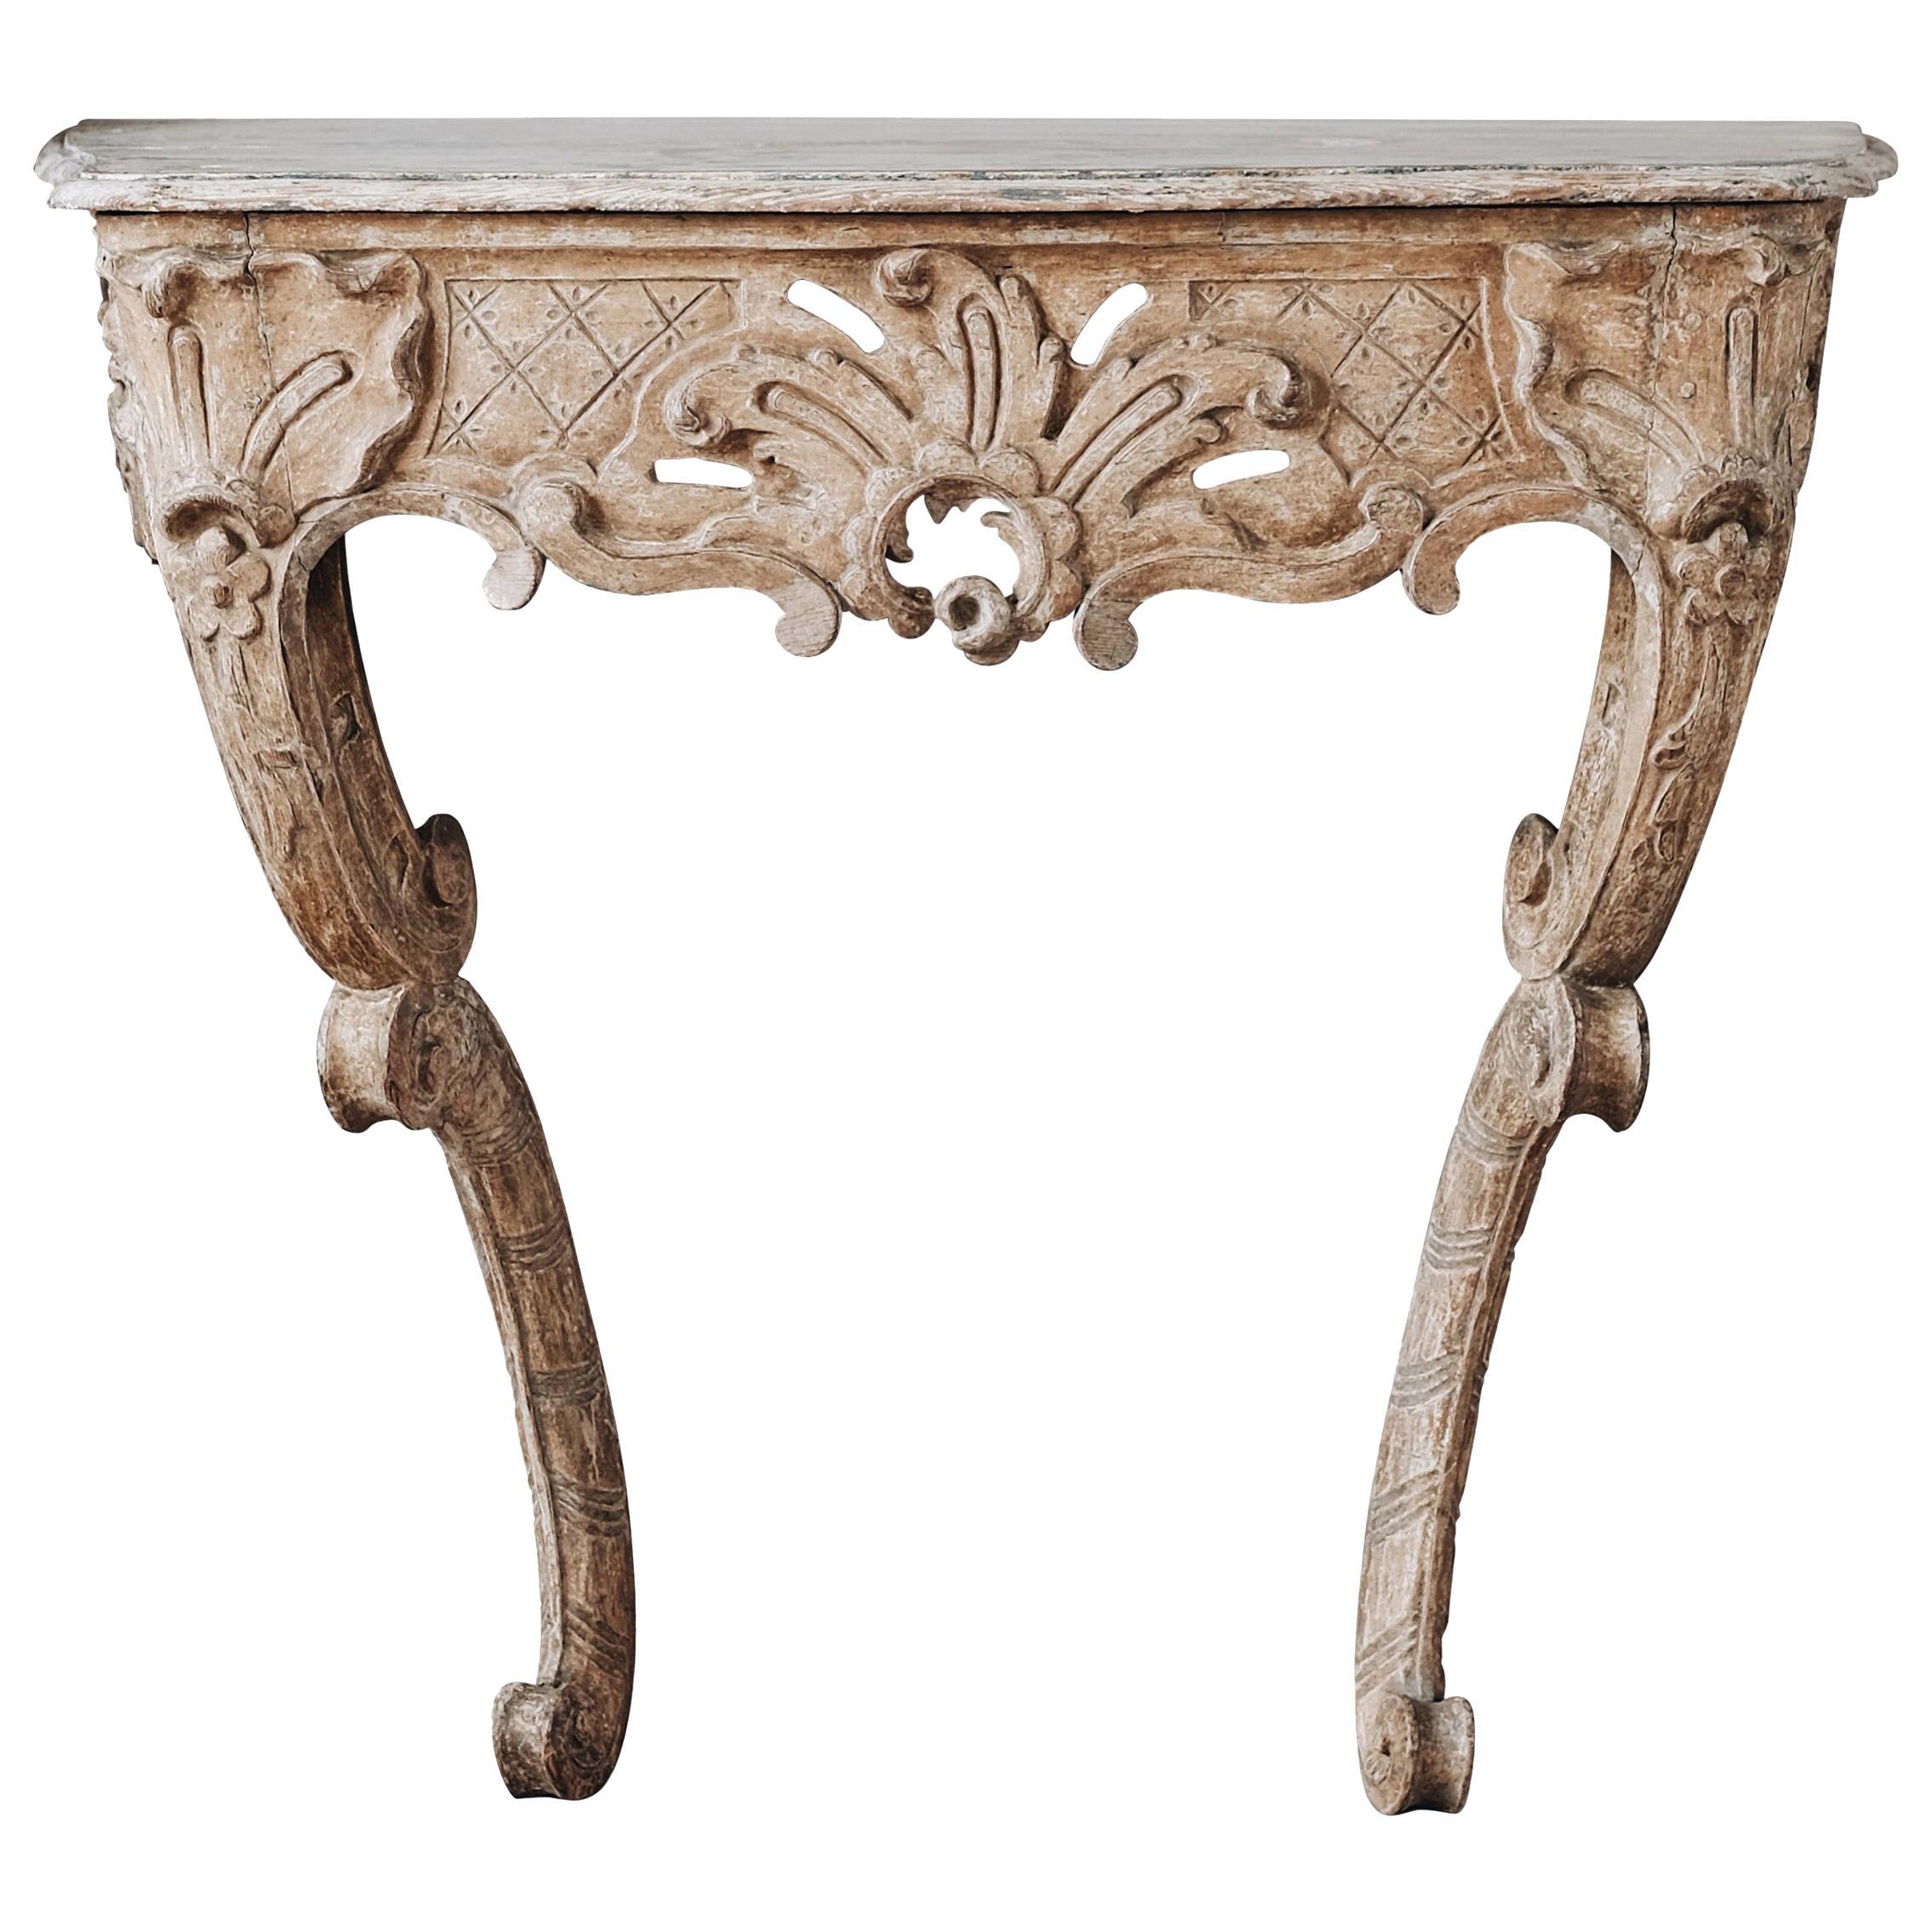 18th Century Swedish Rococo Console Table